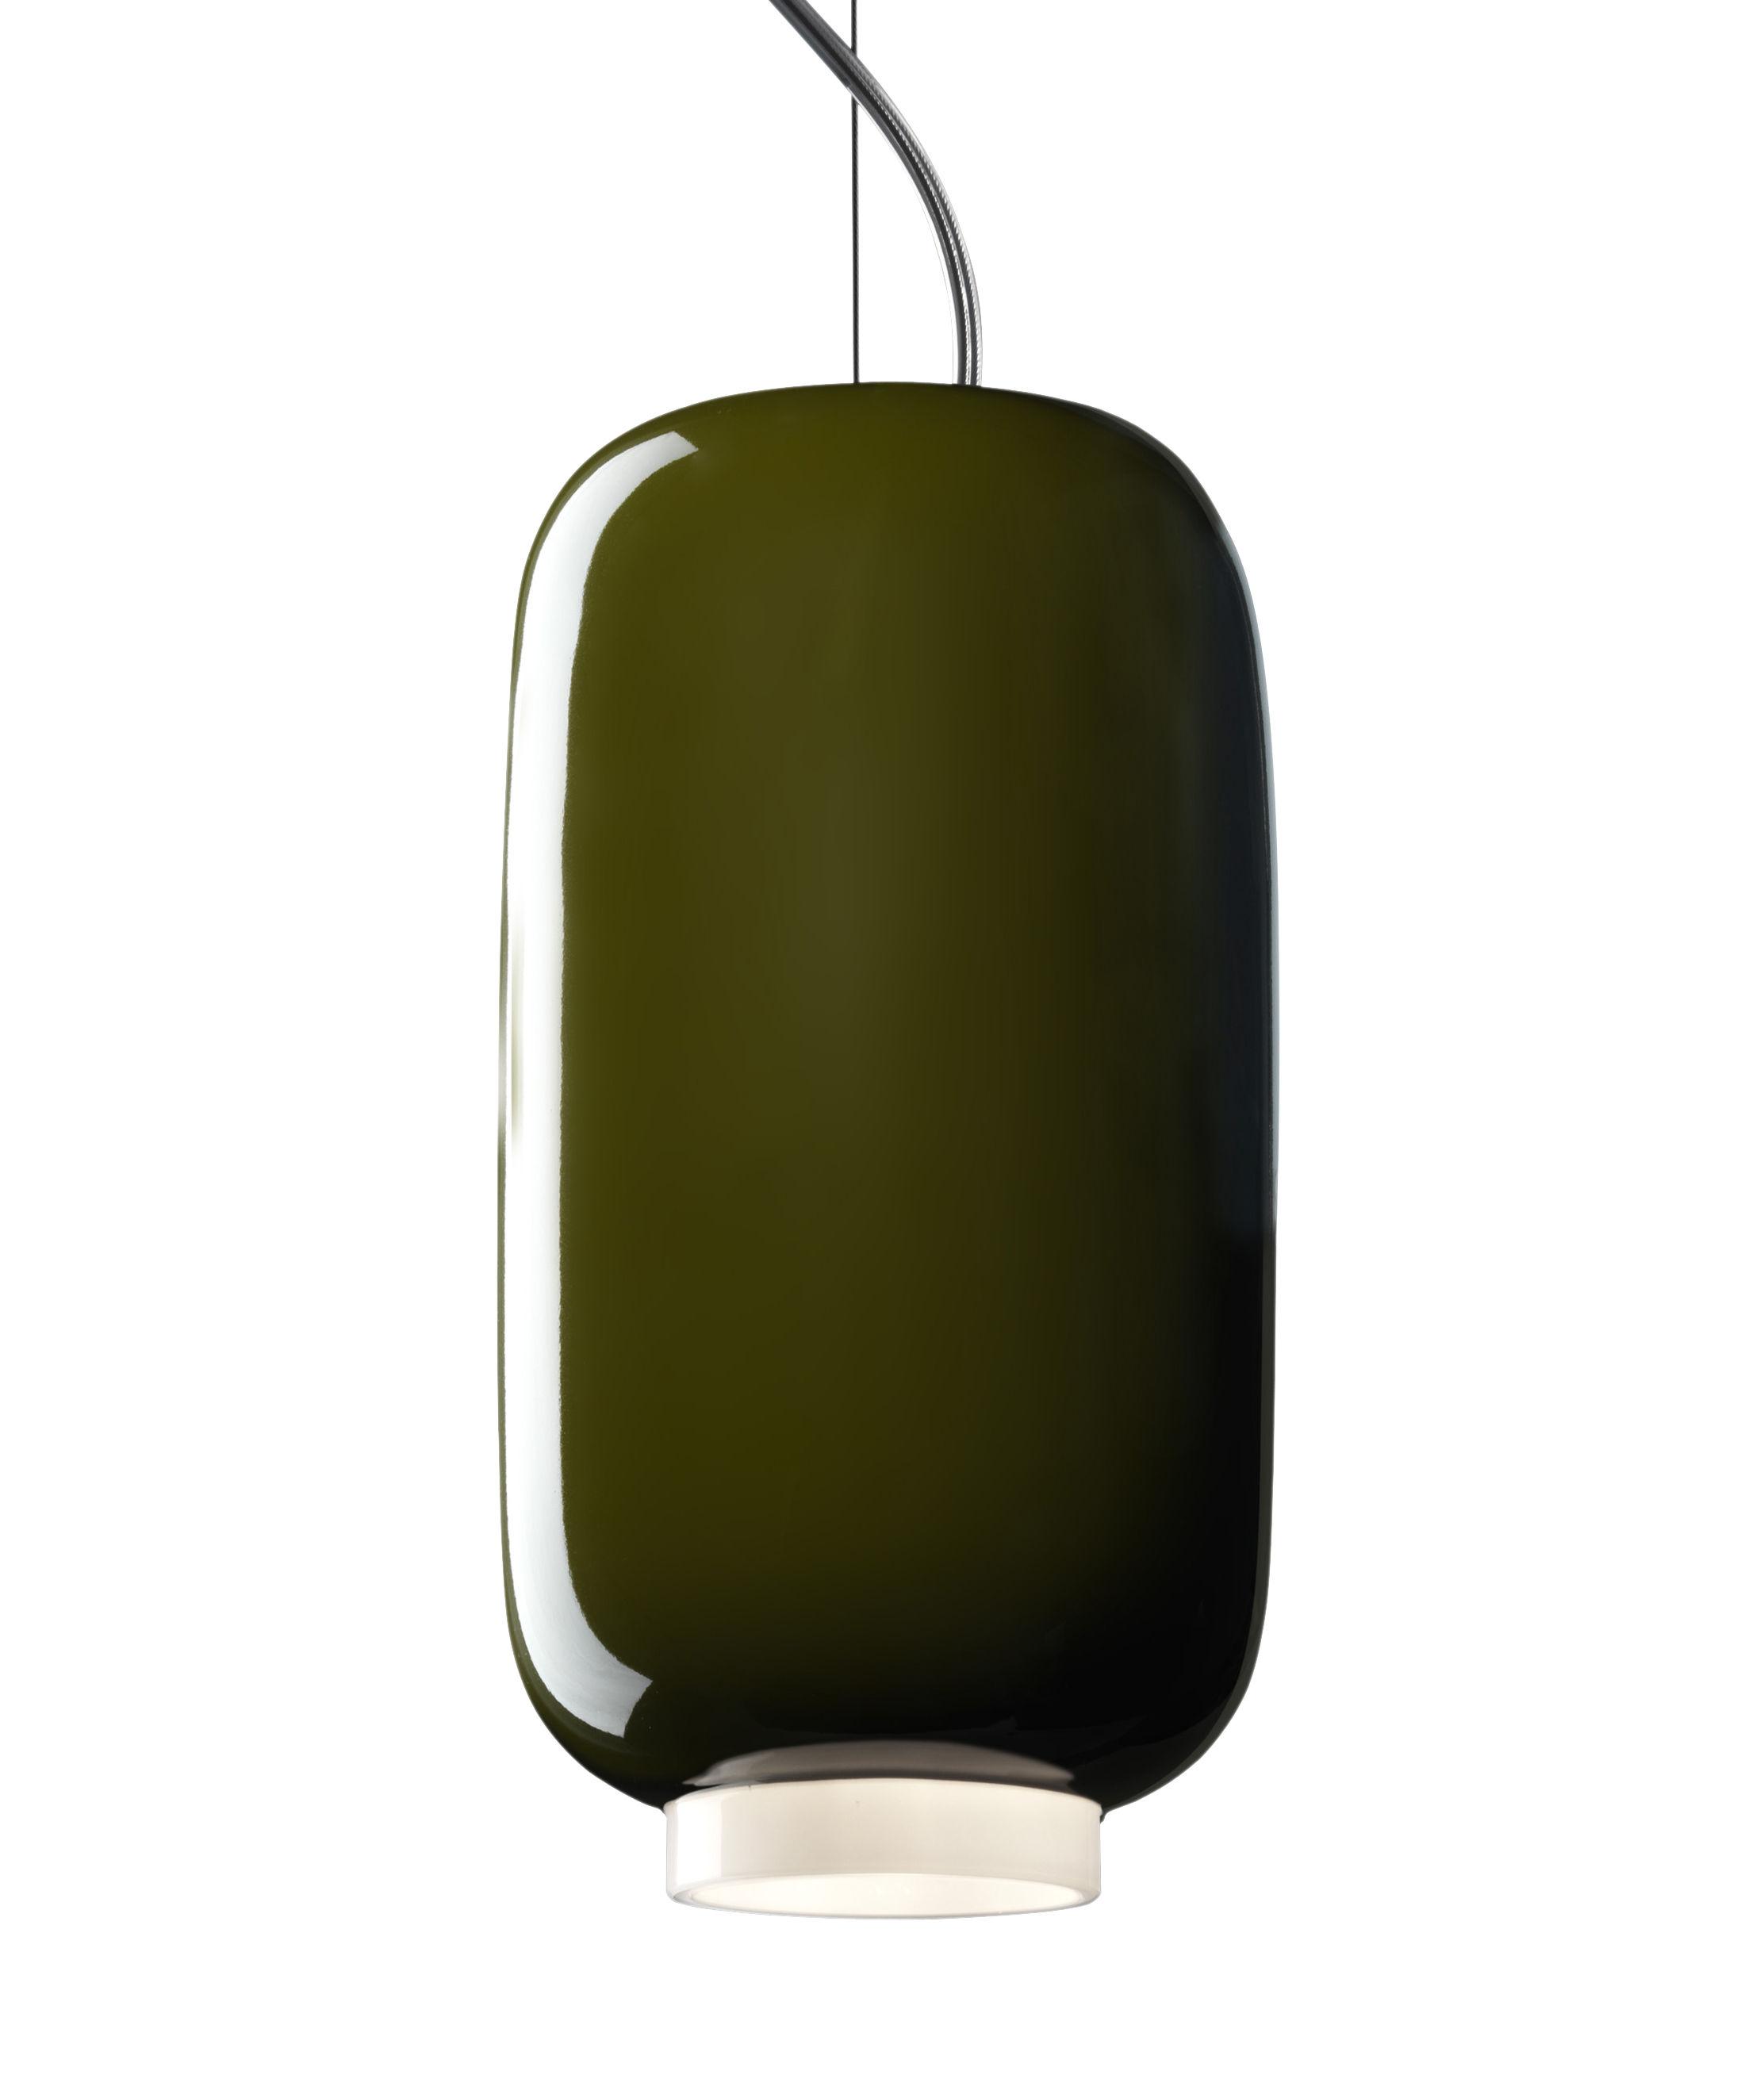 Leuchten - Pendelleuchten - Chouchin Mini n°2 Pendelleuchte / Ø 12 cm x H 24 cm - Foscarini - Grün - mundgeblasenes Glas